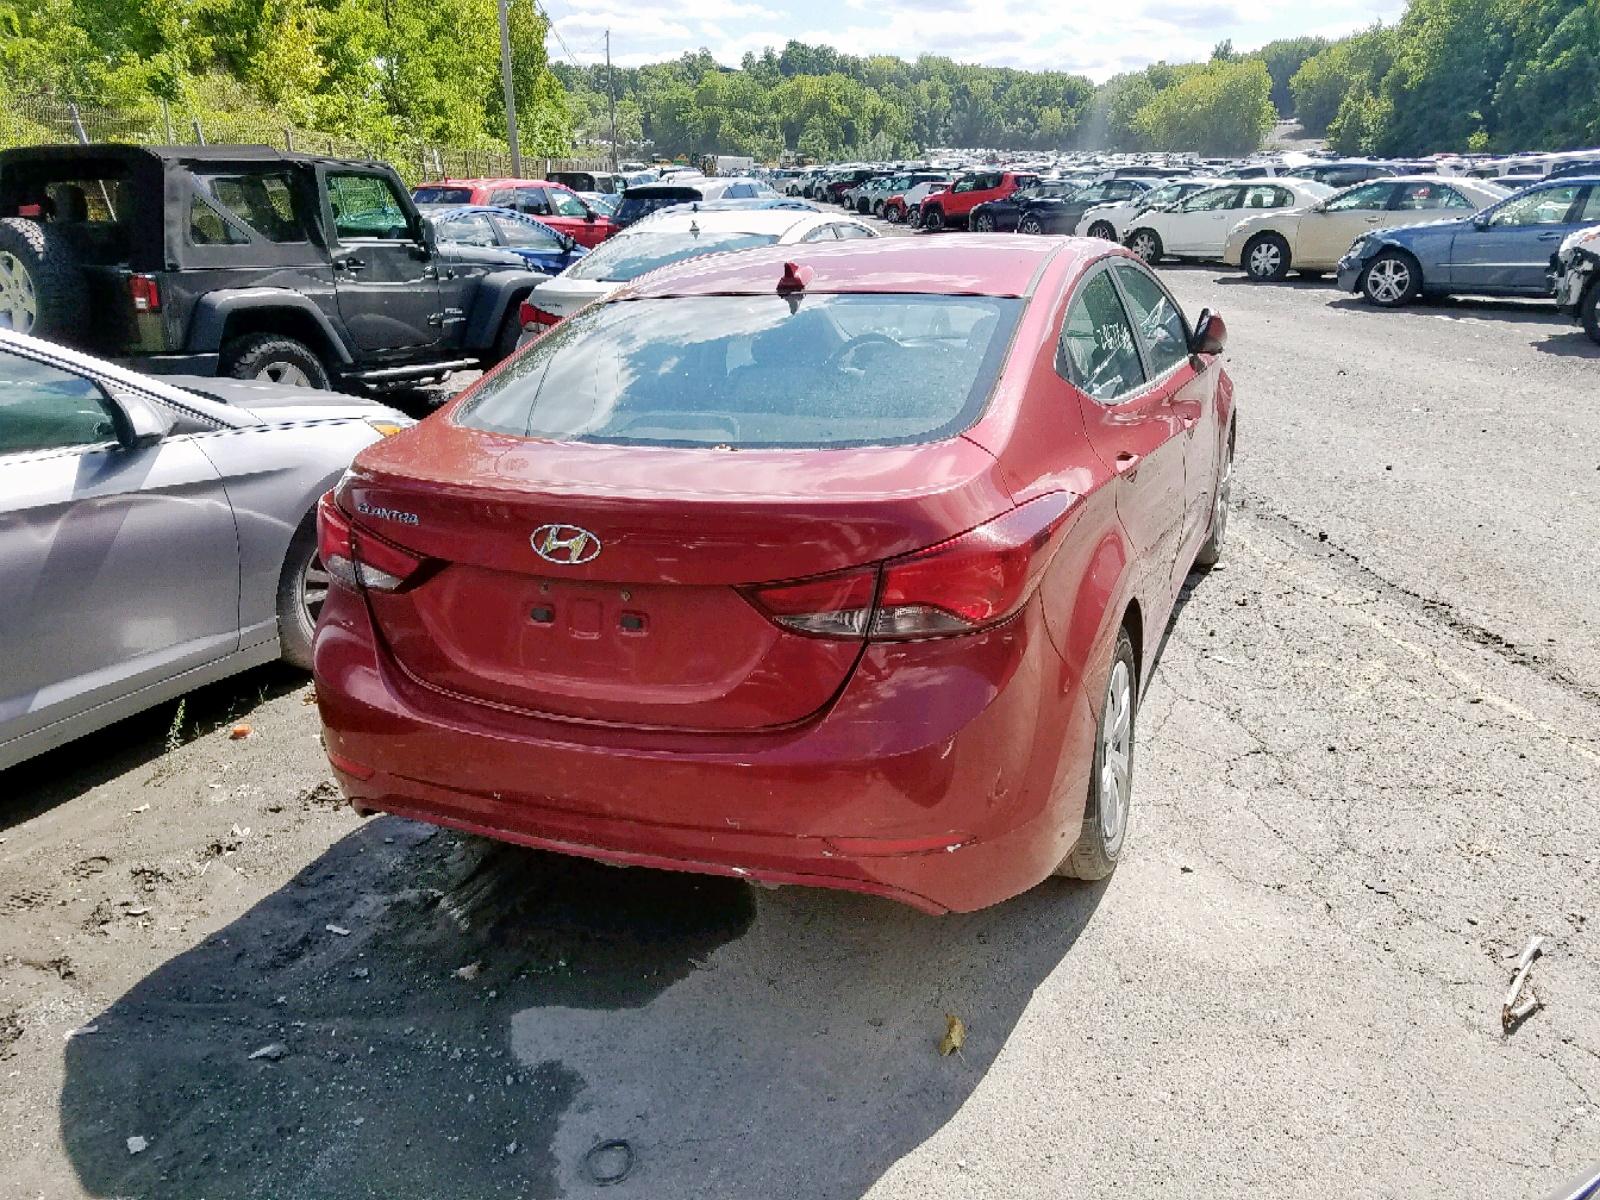 5NPDH4AE7GH679032 - 2016 Hyundai Elantra Se 1.8L rear view